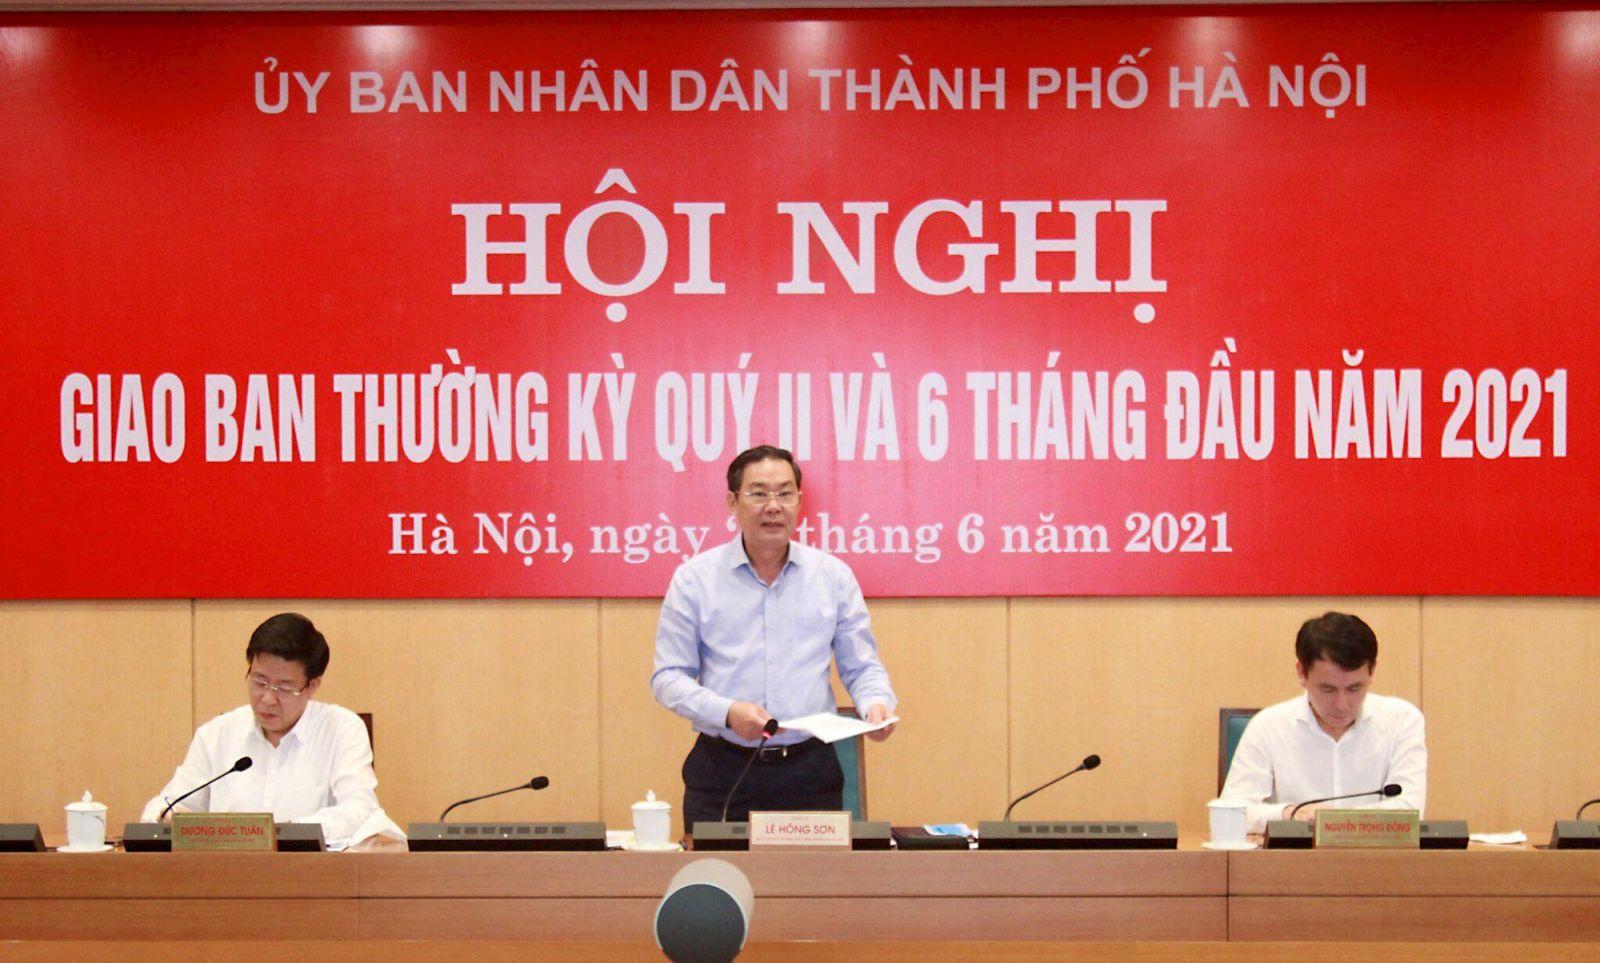 Phó Chủ tịch UBND TP. Hà Nội Lê Hồng Sơn phát biểu tại hội nghị.